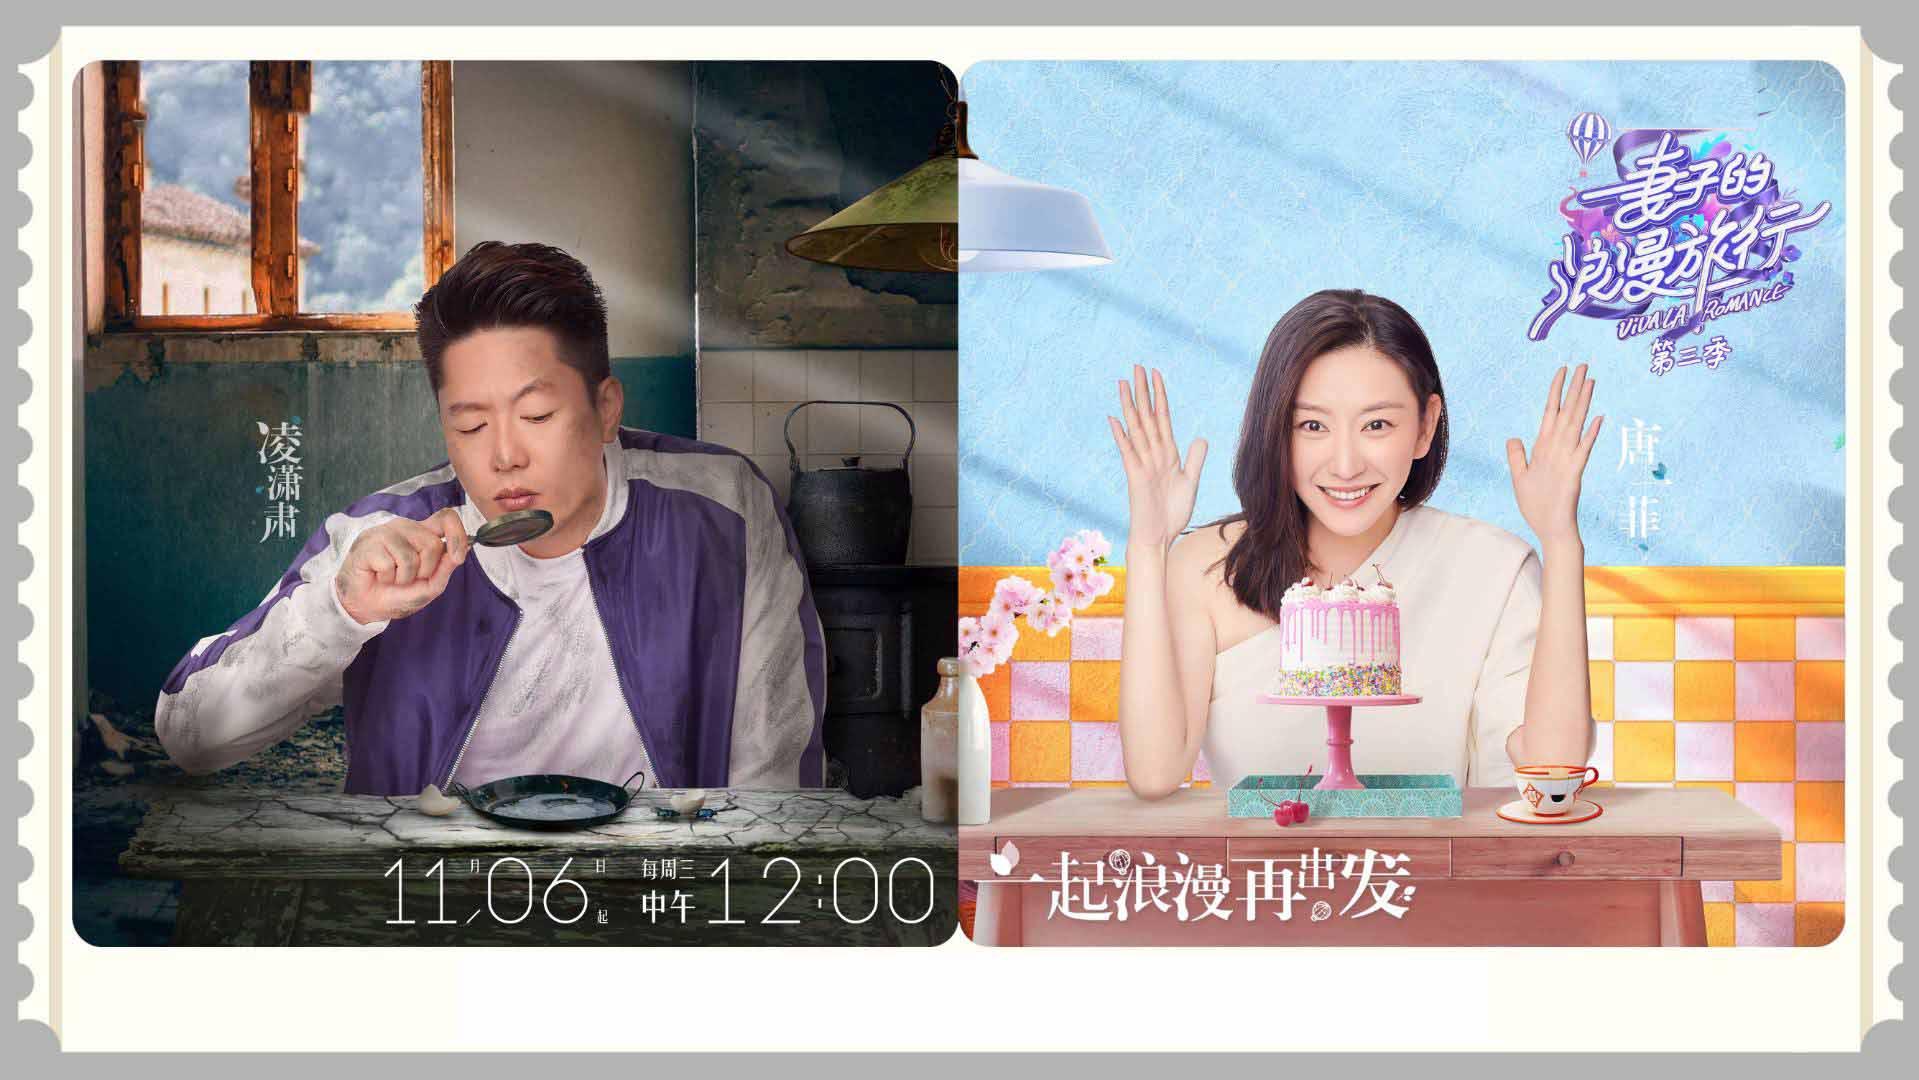 凌潇肃夫妇 《妻子的浪漫旅行》.jpg